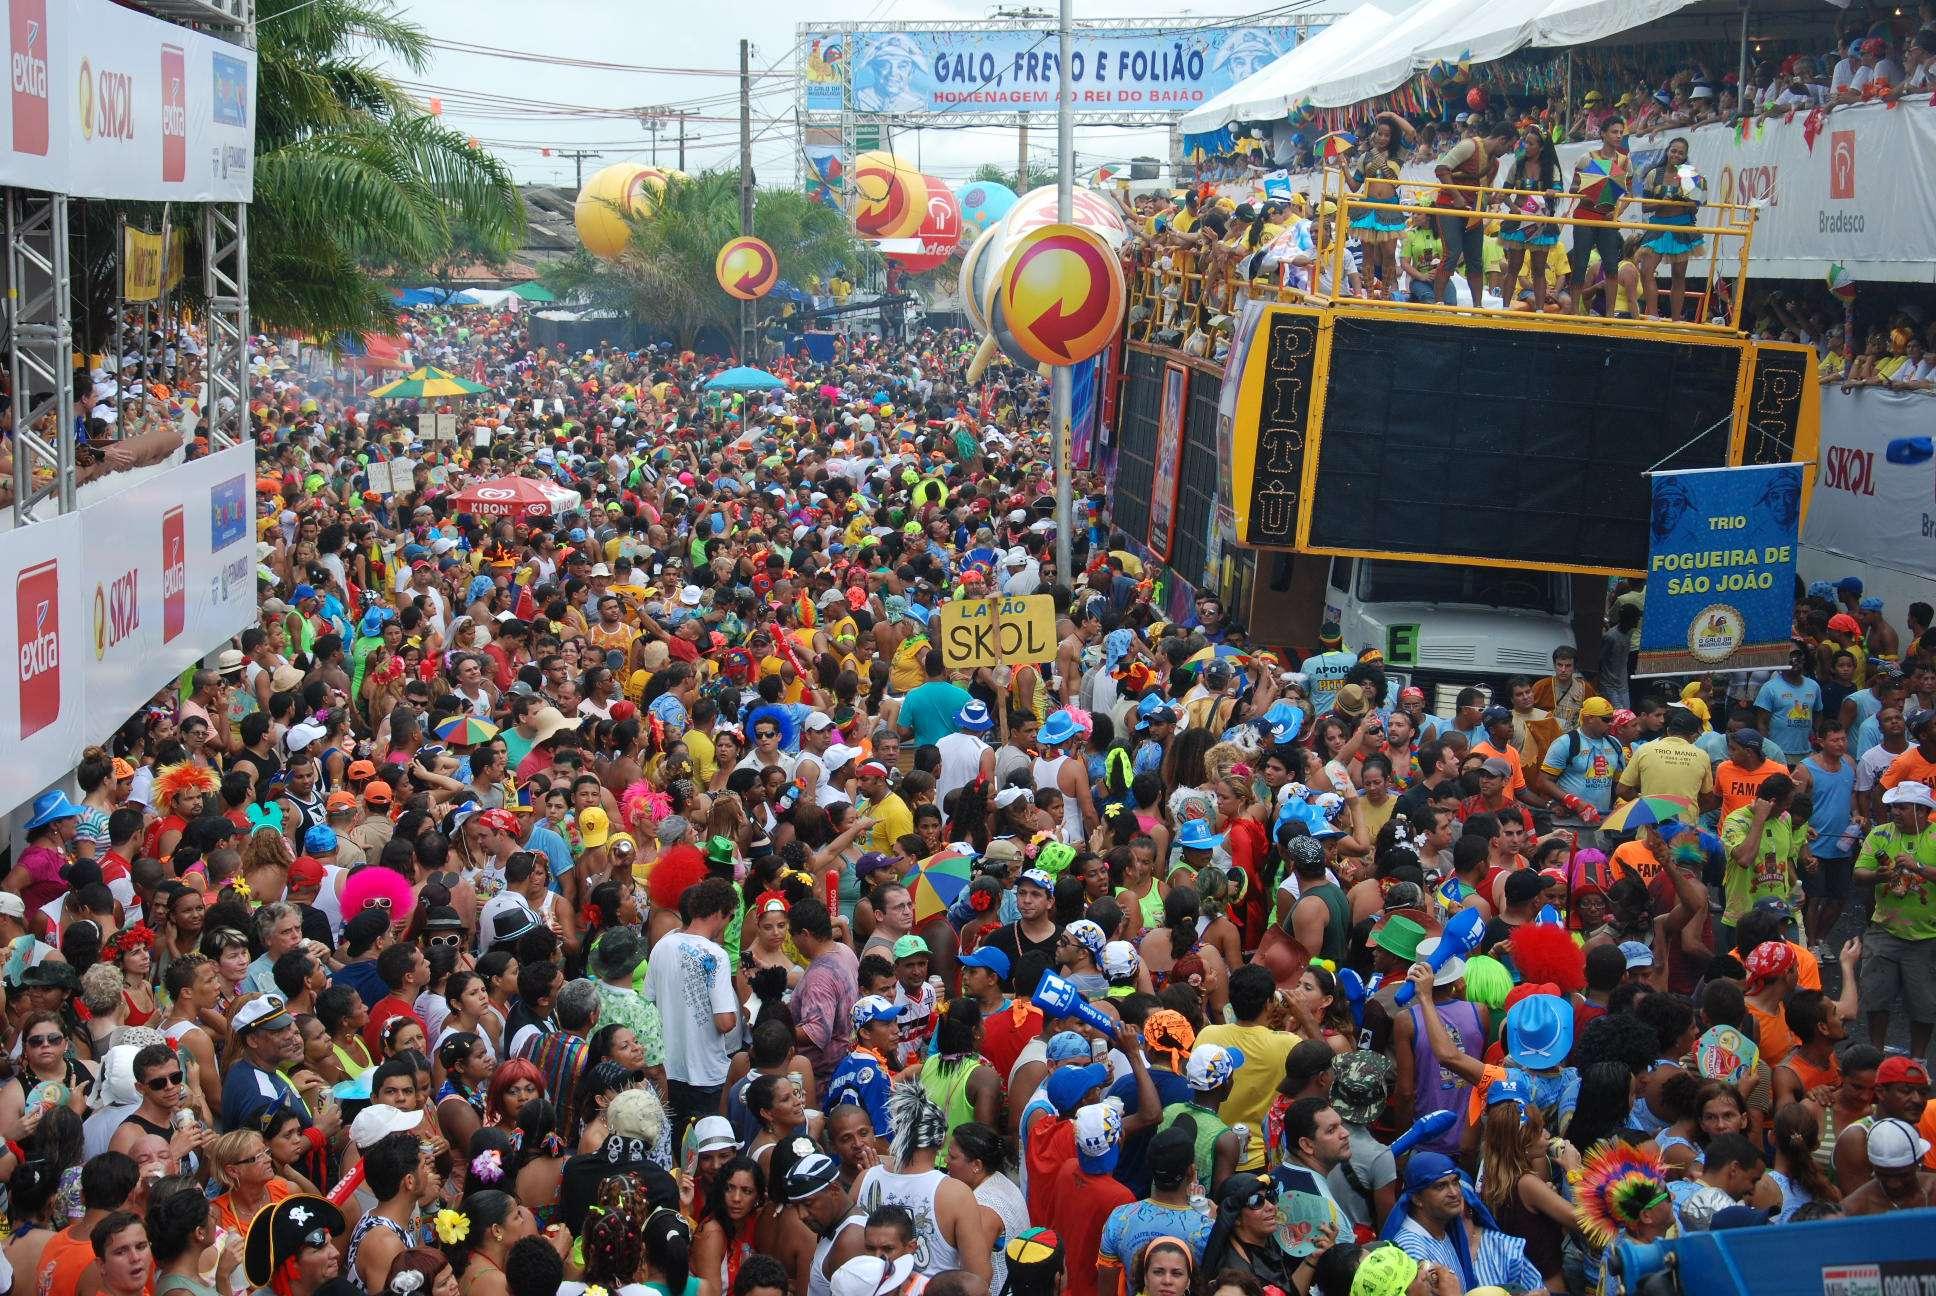 Considerado pelo Guinness Book o maior bloco carnavalesco do mundo, Galo da Madrugada deve reunir este ano 1,5 milhão de pessoas nas ruas do Recife Foto: Marcelo Soares/PrimaPagina/Divulgação